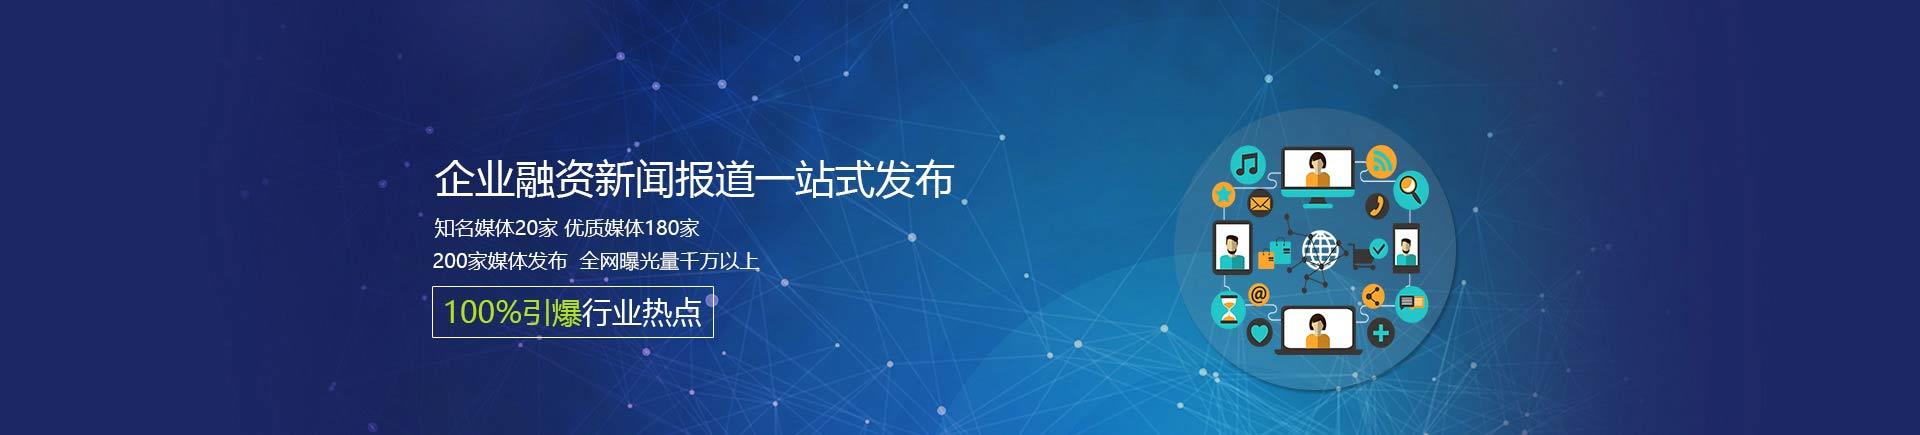 智企魔方-互联网整合营销智慧生态服务平台